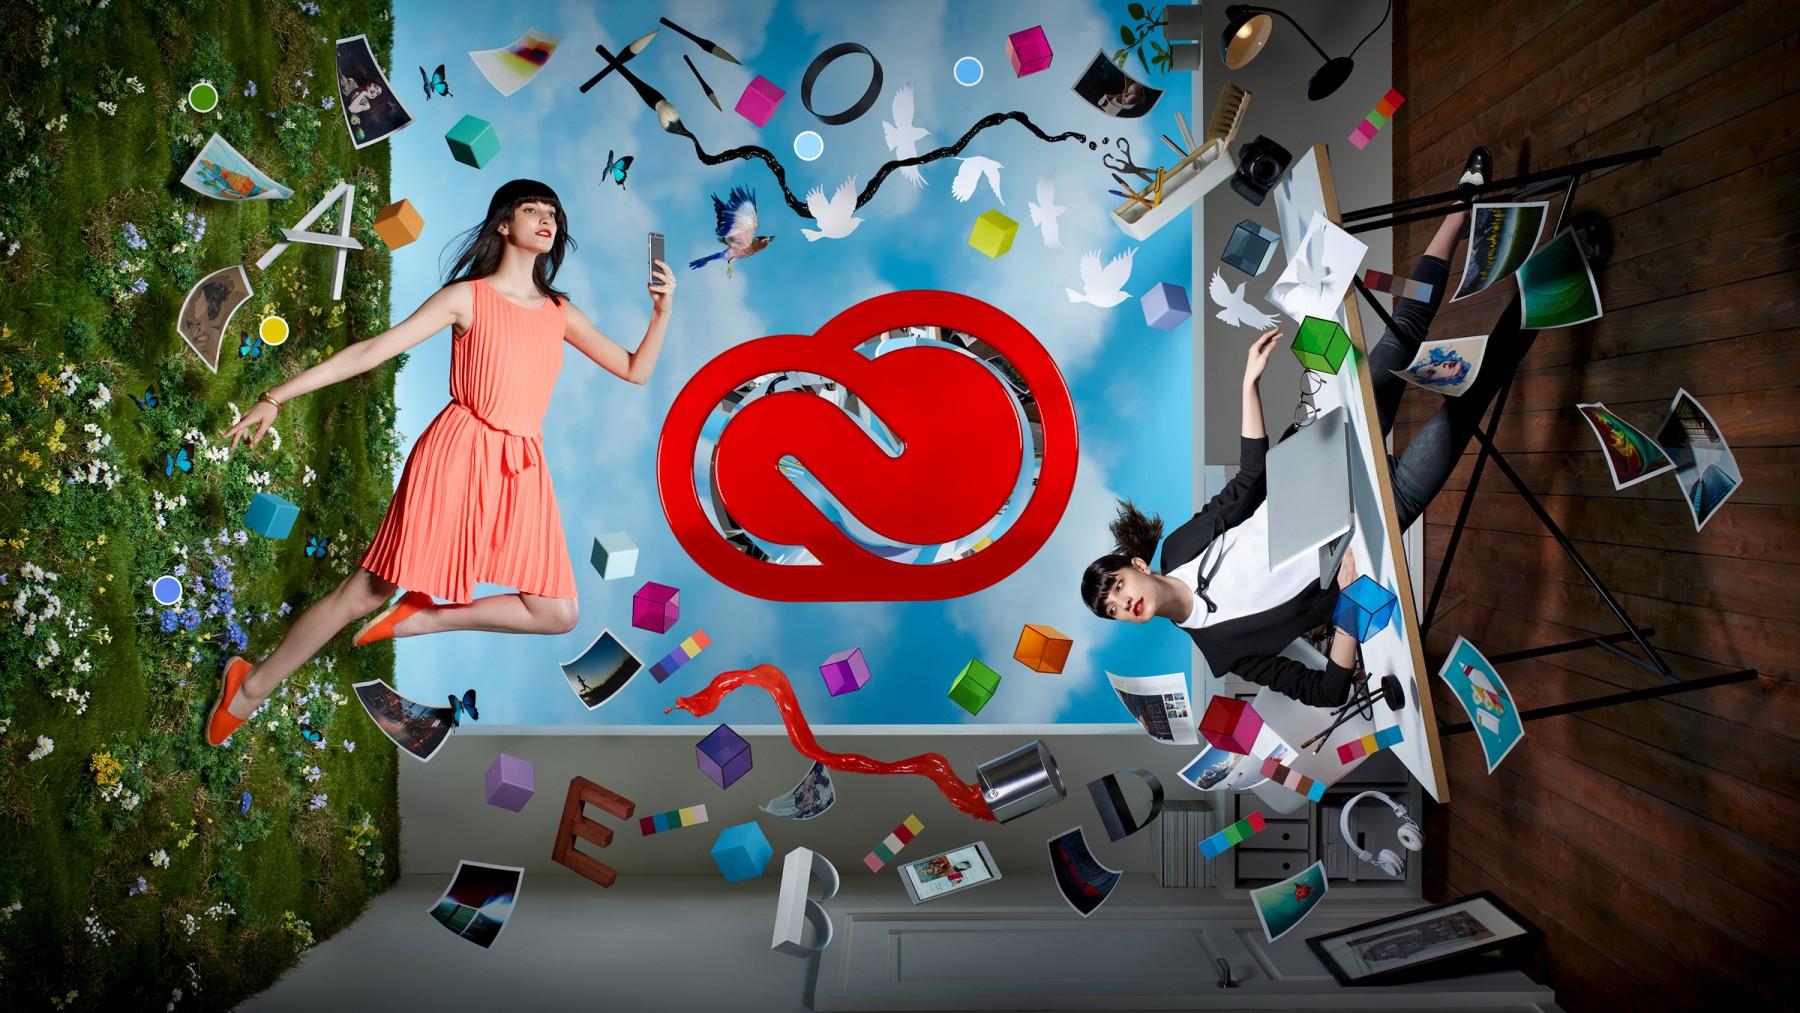 市值5年飙3倍,涨幅堪比亚马逊,数字营销让Adobe老树逢春 | 爱分析调研